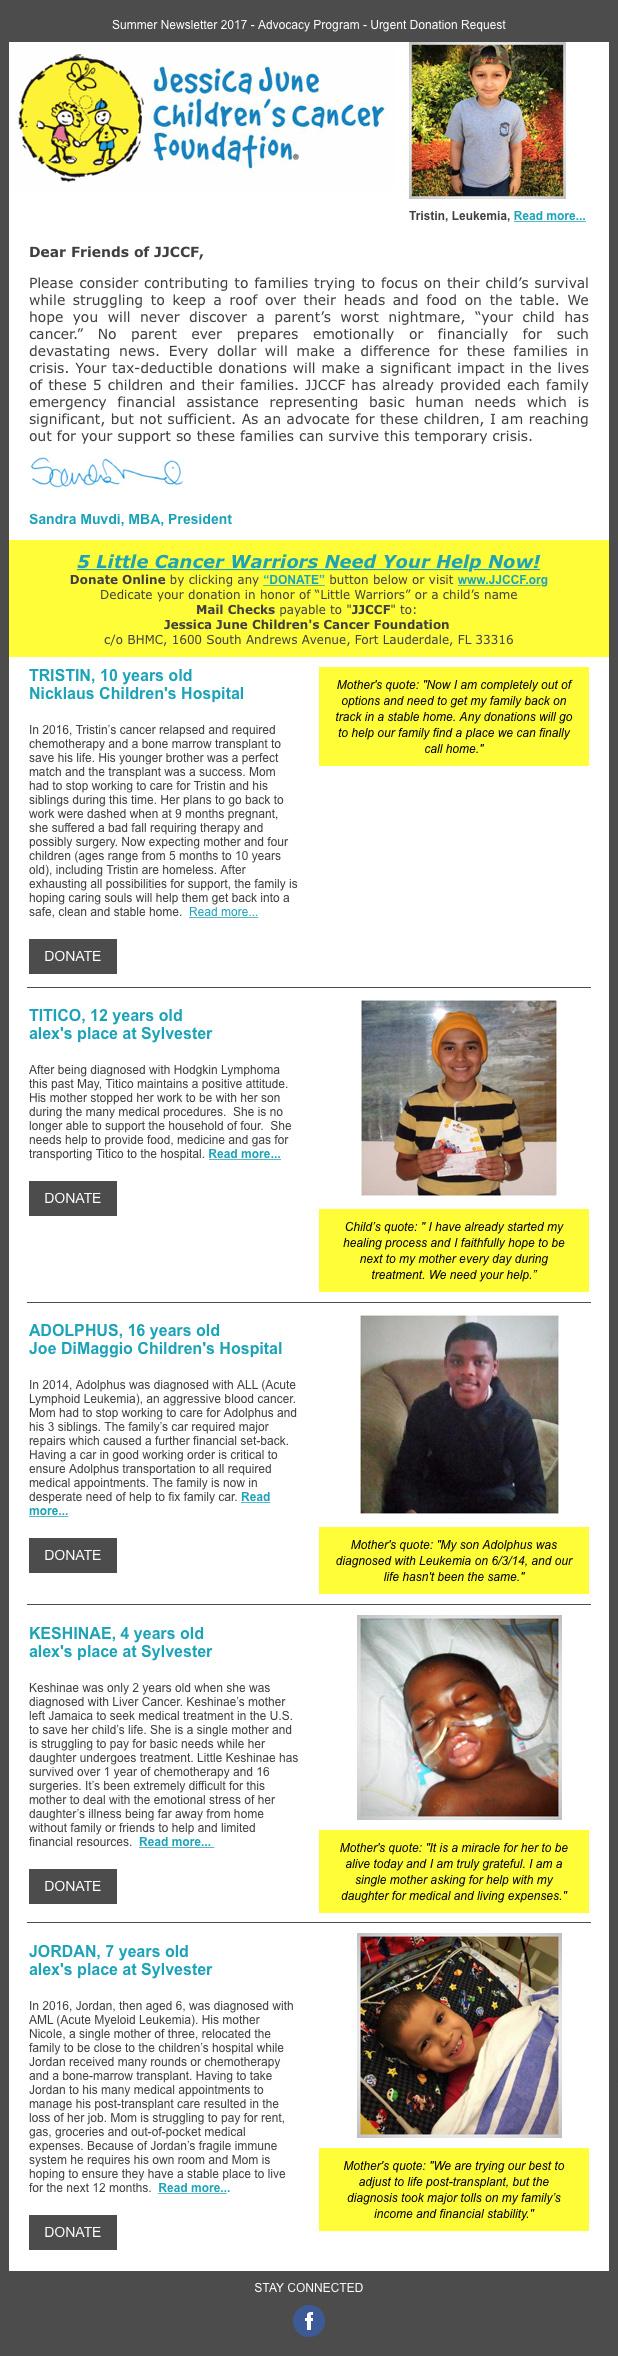 JJCCF_Summer_Newsletter